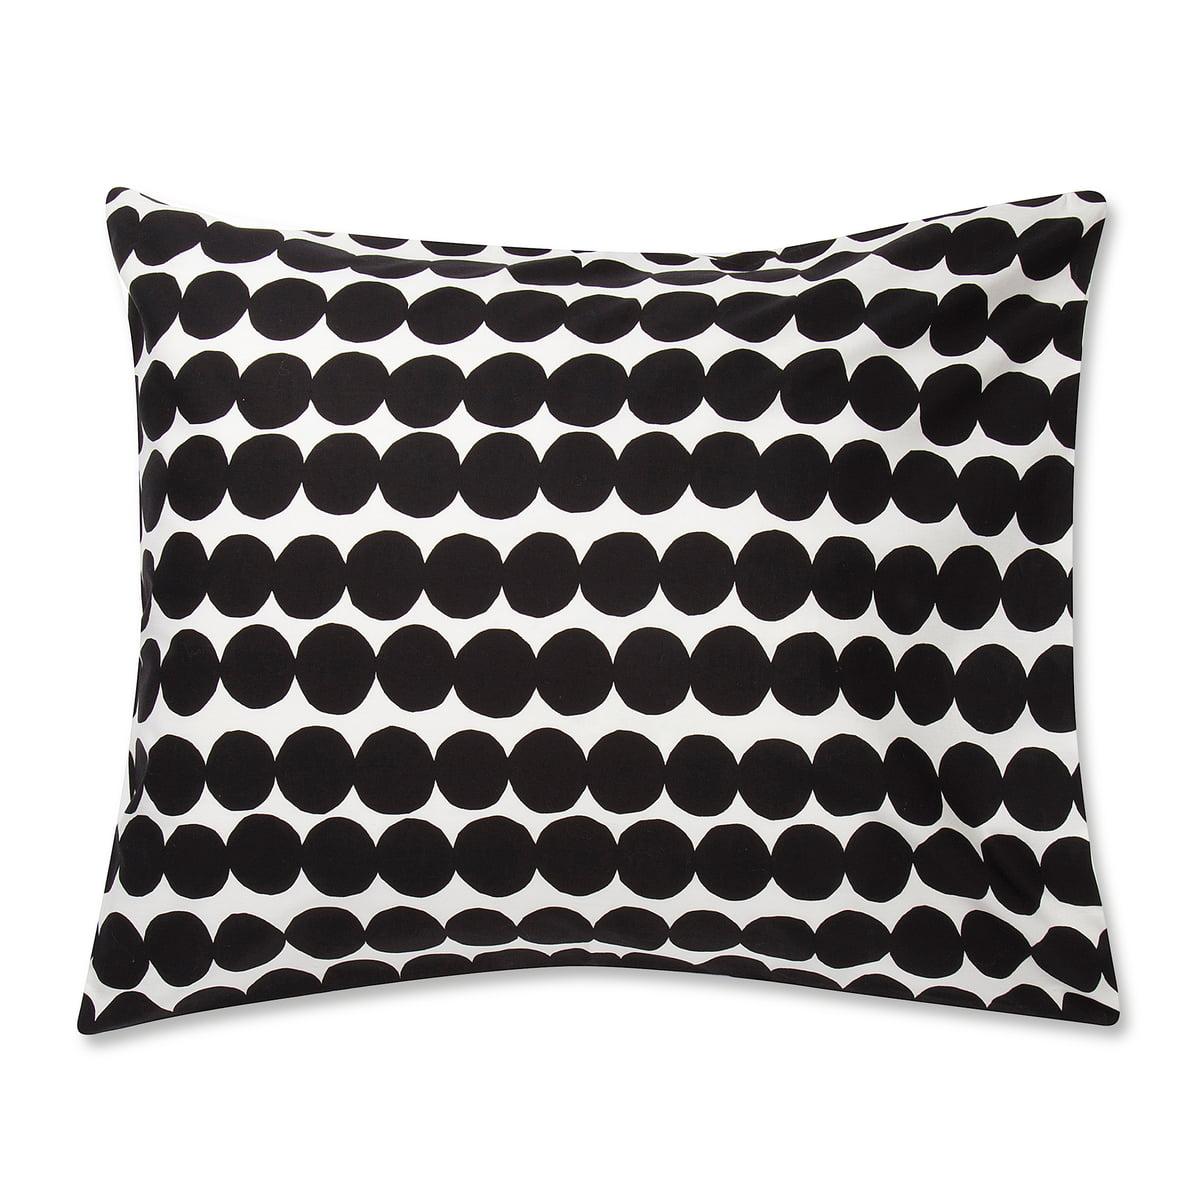 r symatto bettw sche von marimekko connox. Black Bedroom Furniture Sets. Home Design Ideas